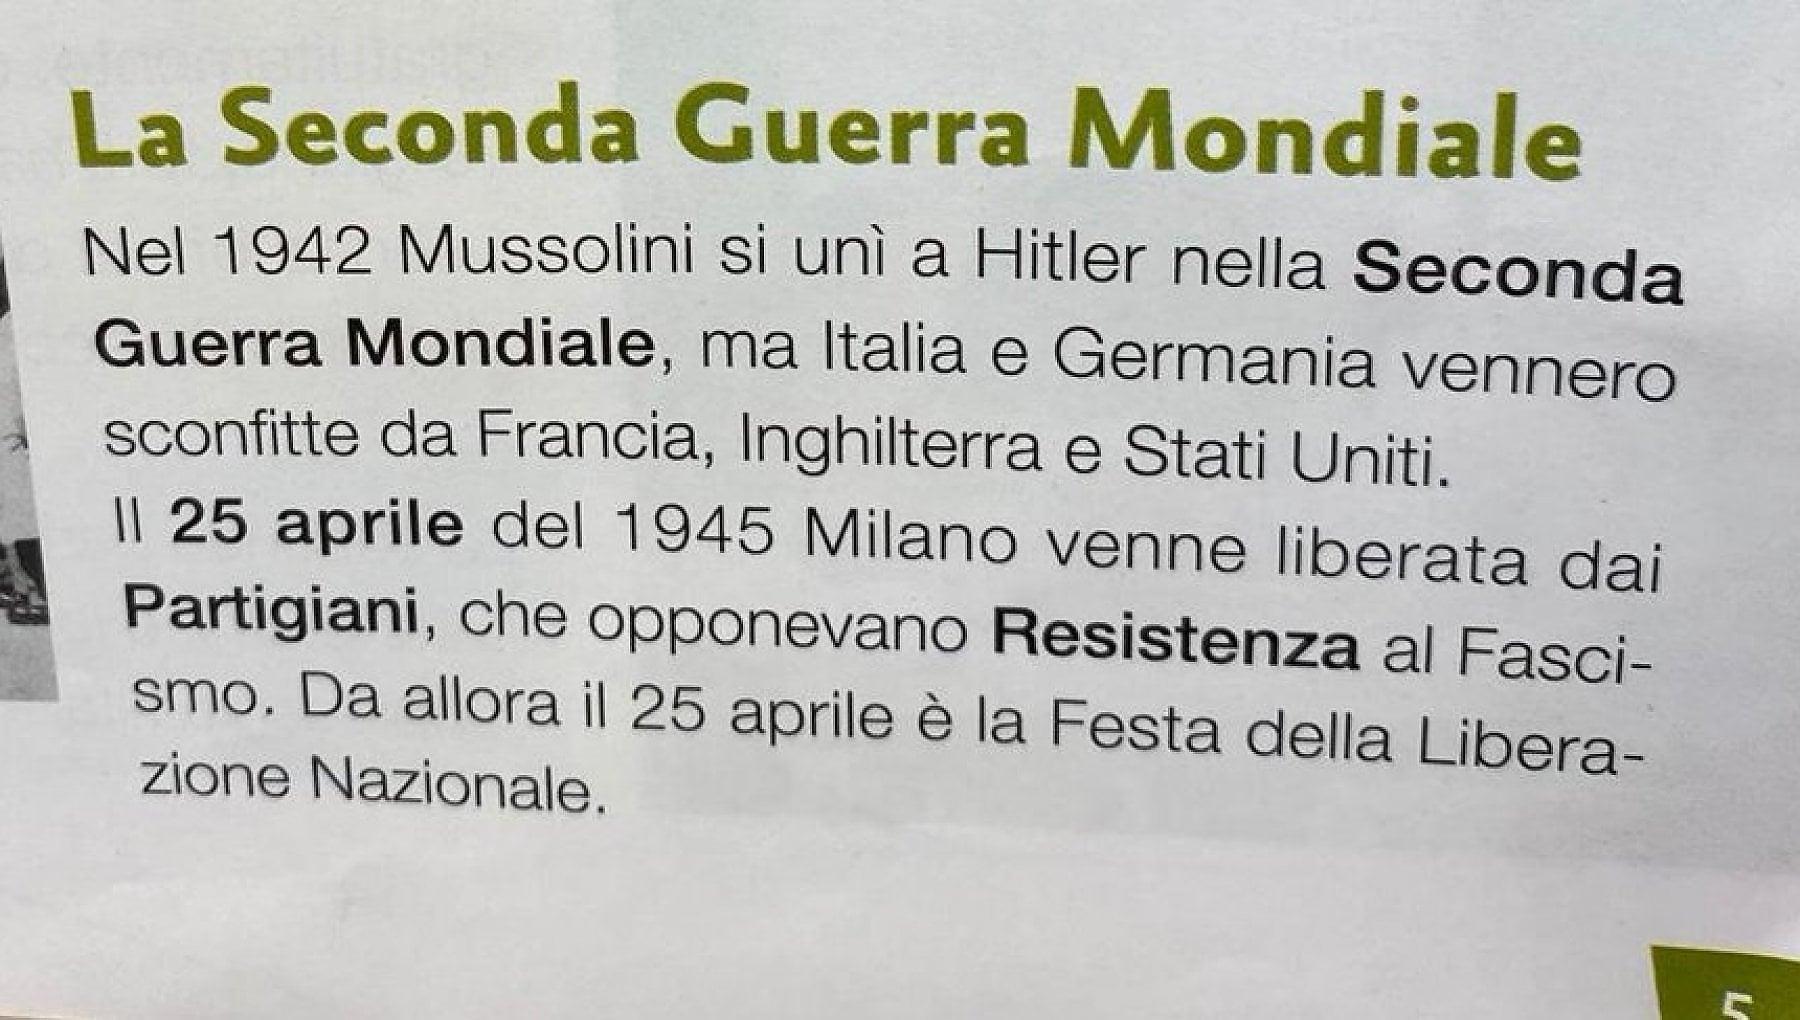 """Scuola, strafalcione nel libro di quinta elementare: """"L'Italia è entrata in guerra nel 1942"""""""